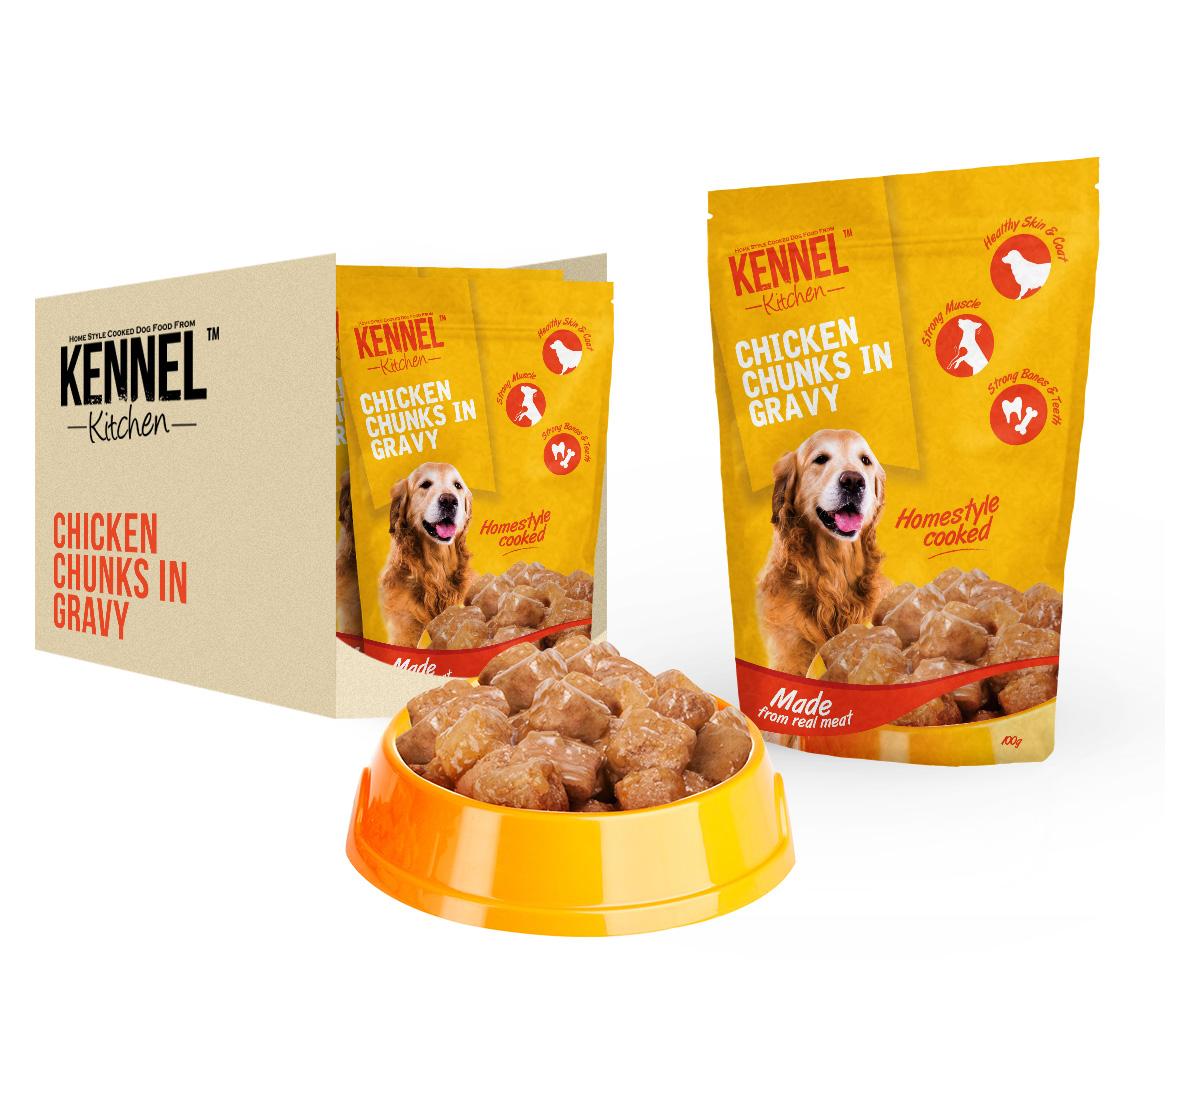 Kennel Kitchen Chicken Chunks In Gravy - 100 gm (30 Packs)